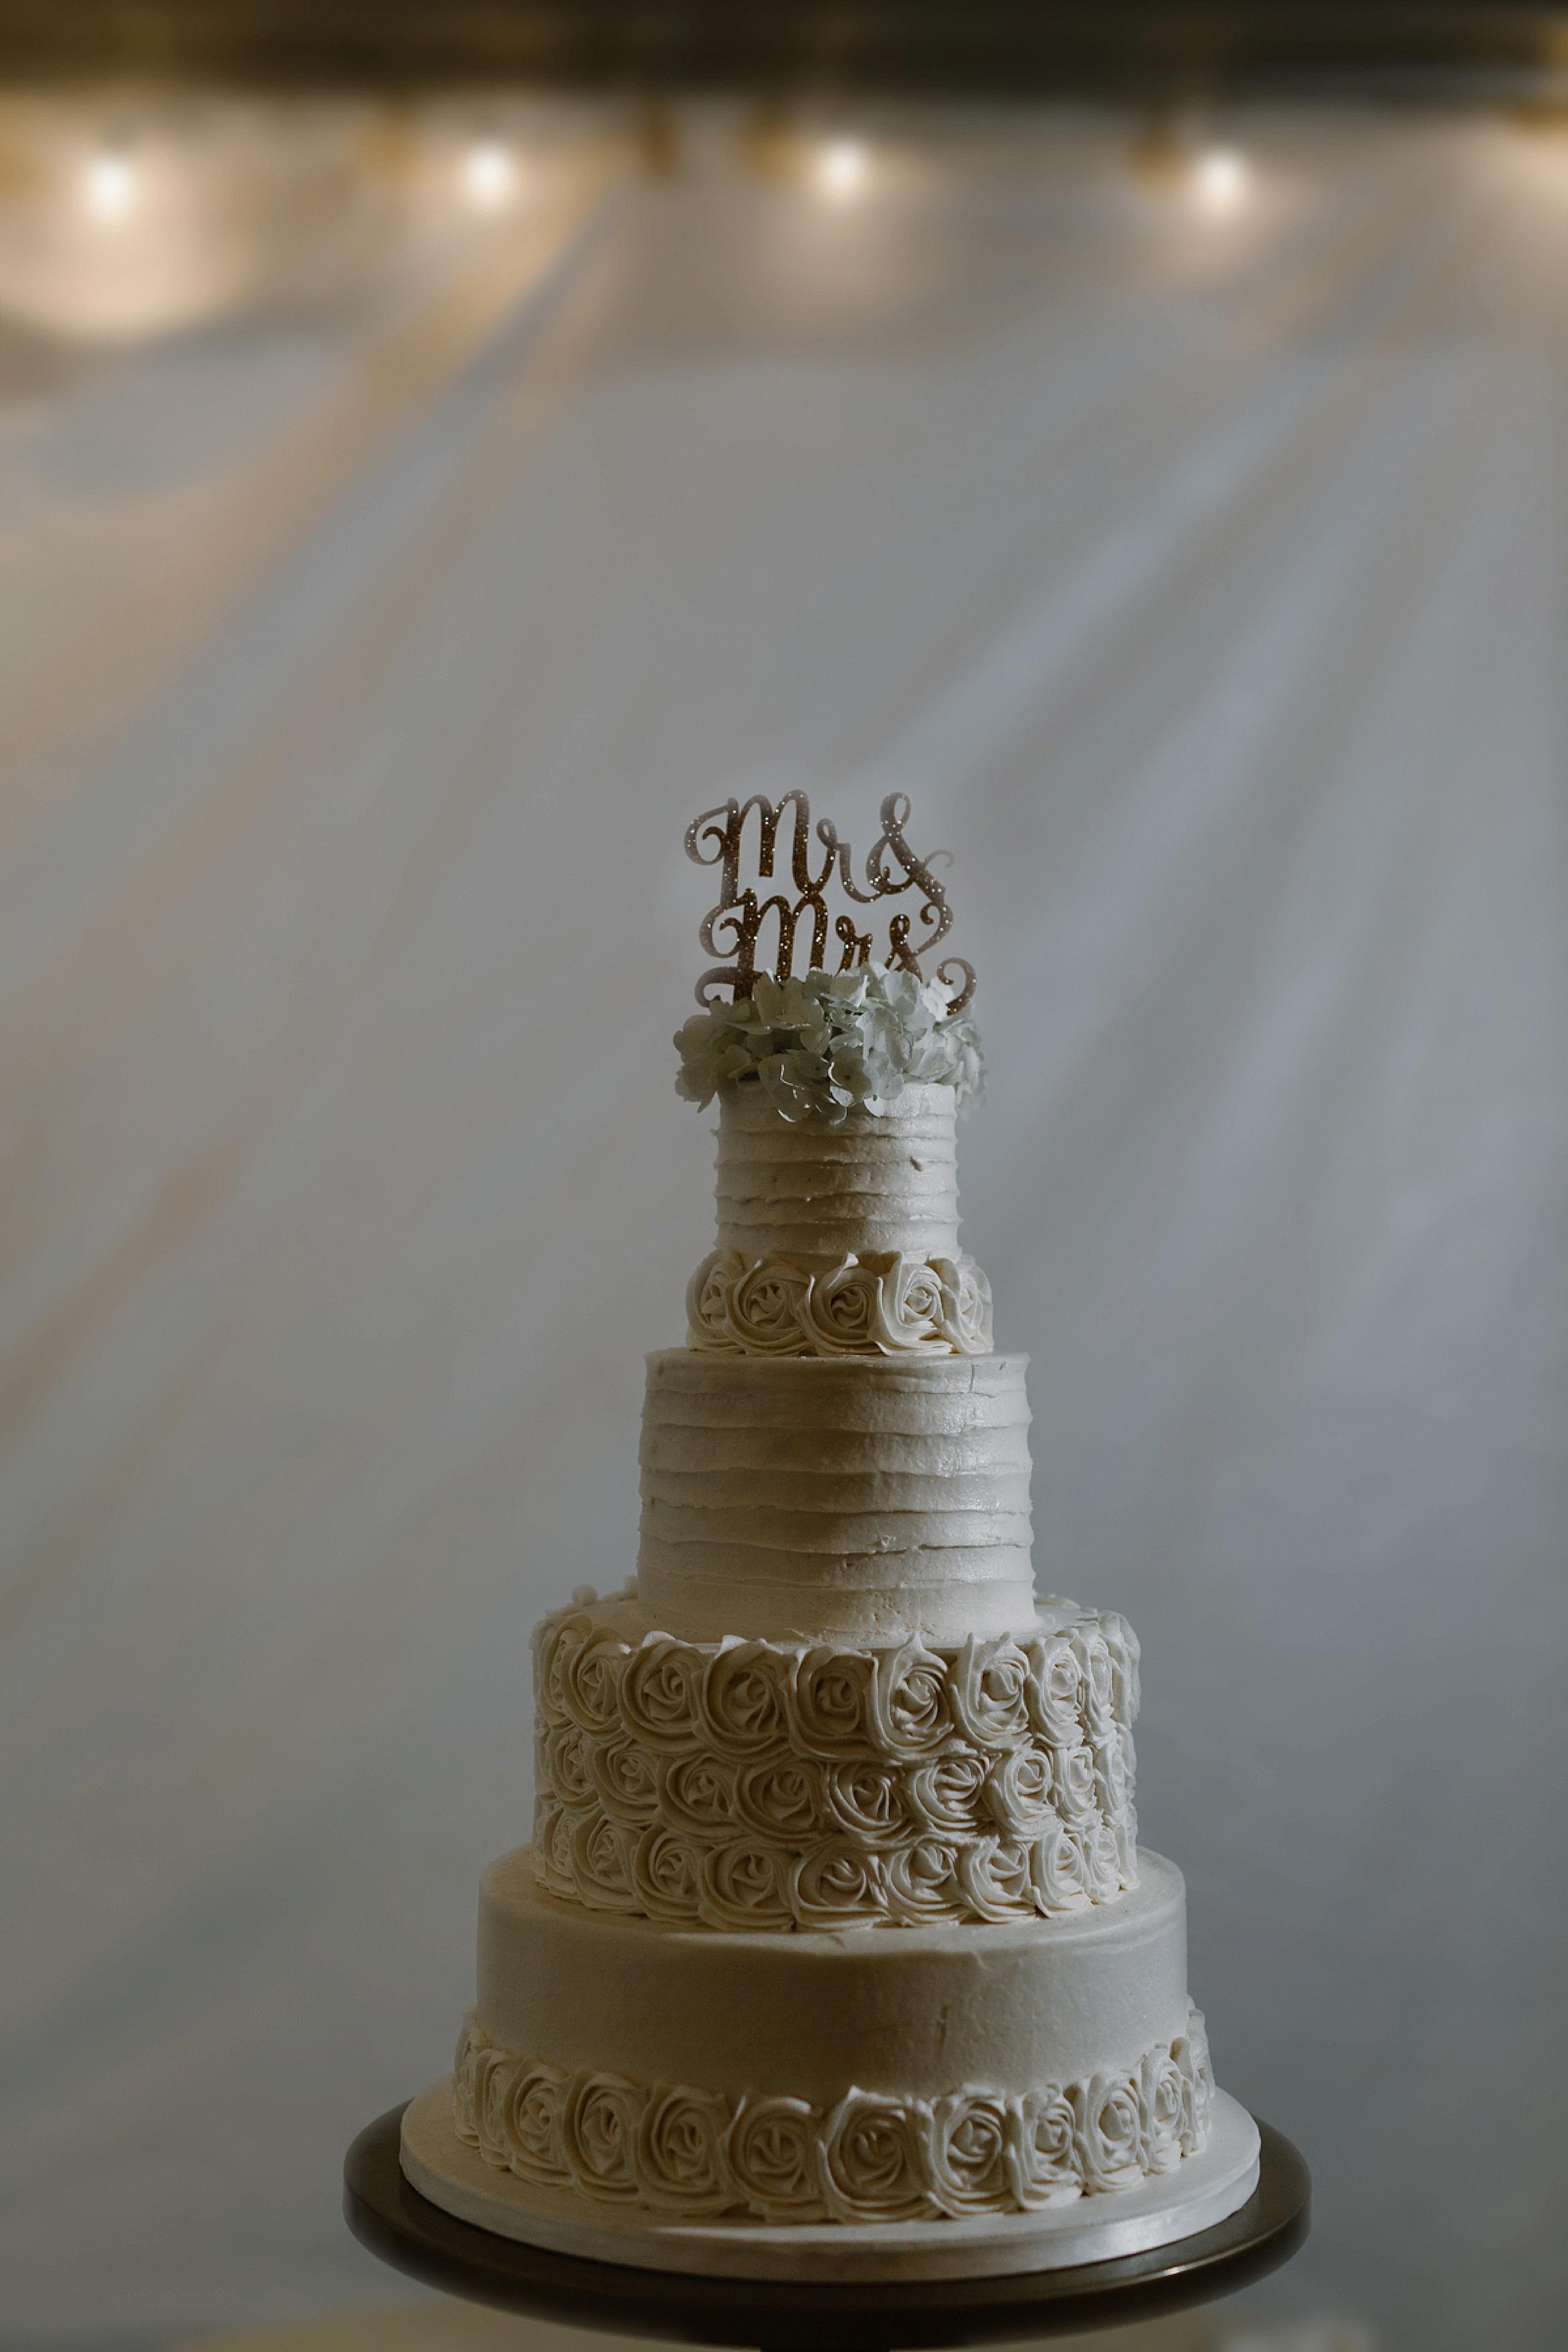 knoxville-wedding-cake